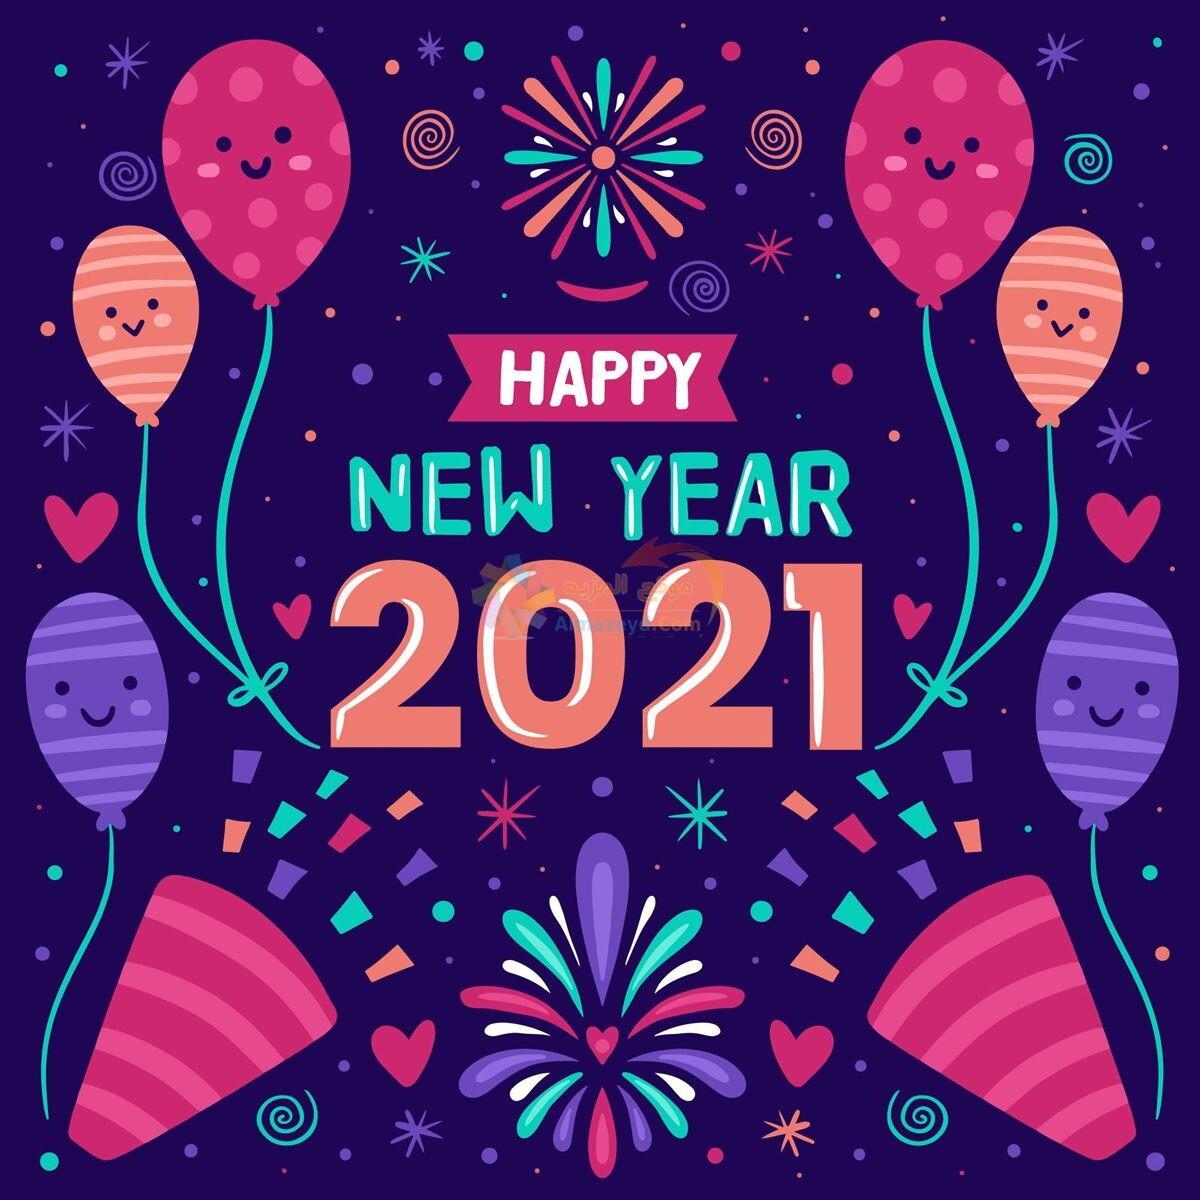 """تنال الاعجاب """" صور تهنئه بالاسم 2021 ~ جديدة لانج تنزيل أجدد صور 2021 احلى مع اسمك بتصميم جميل - تحميل اجمل الصور للعام الجديد 2021 مكتوب عليها اسمك Happy New Year 2021"""